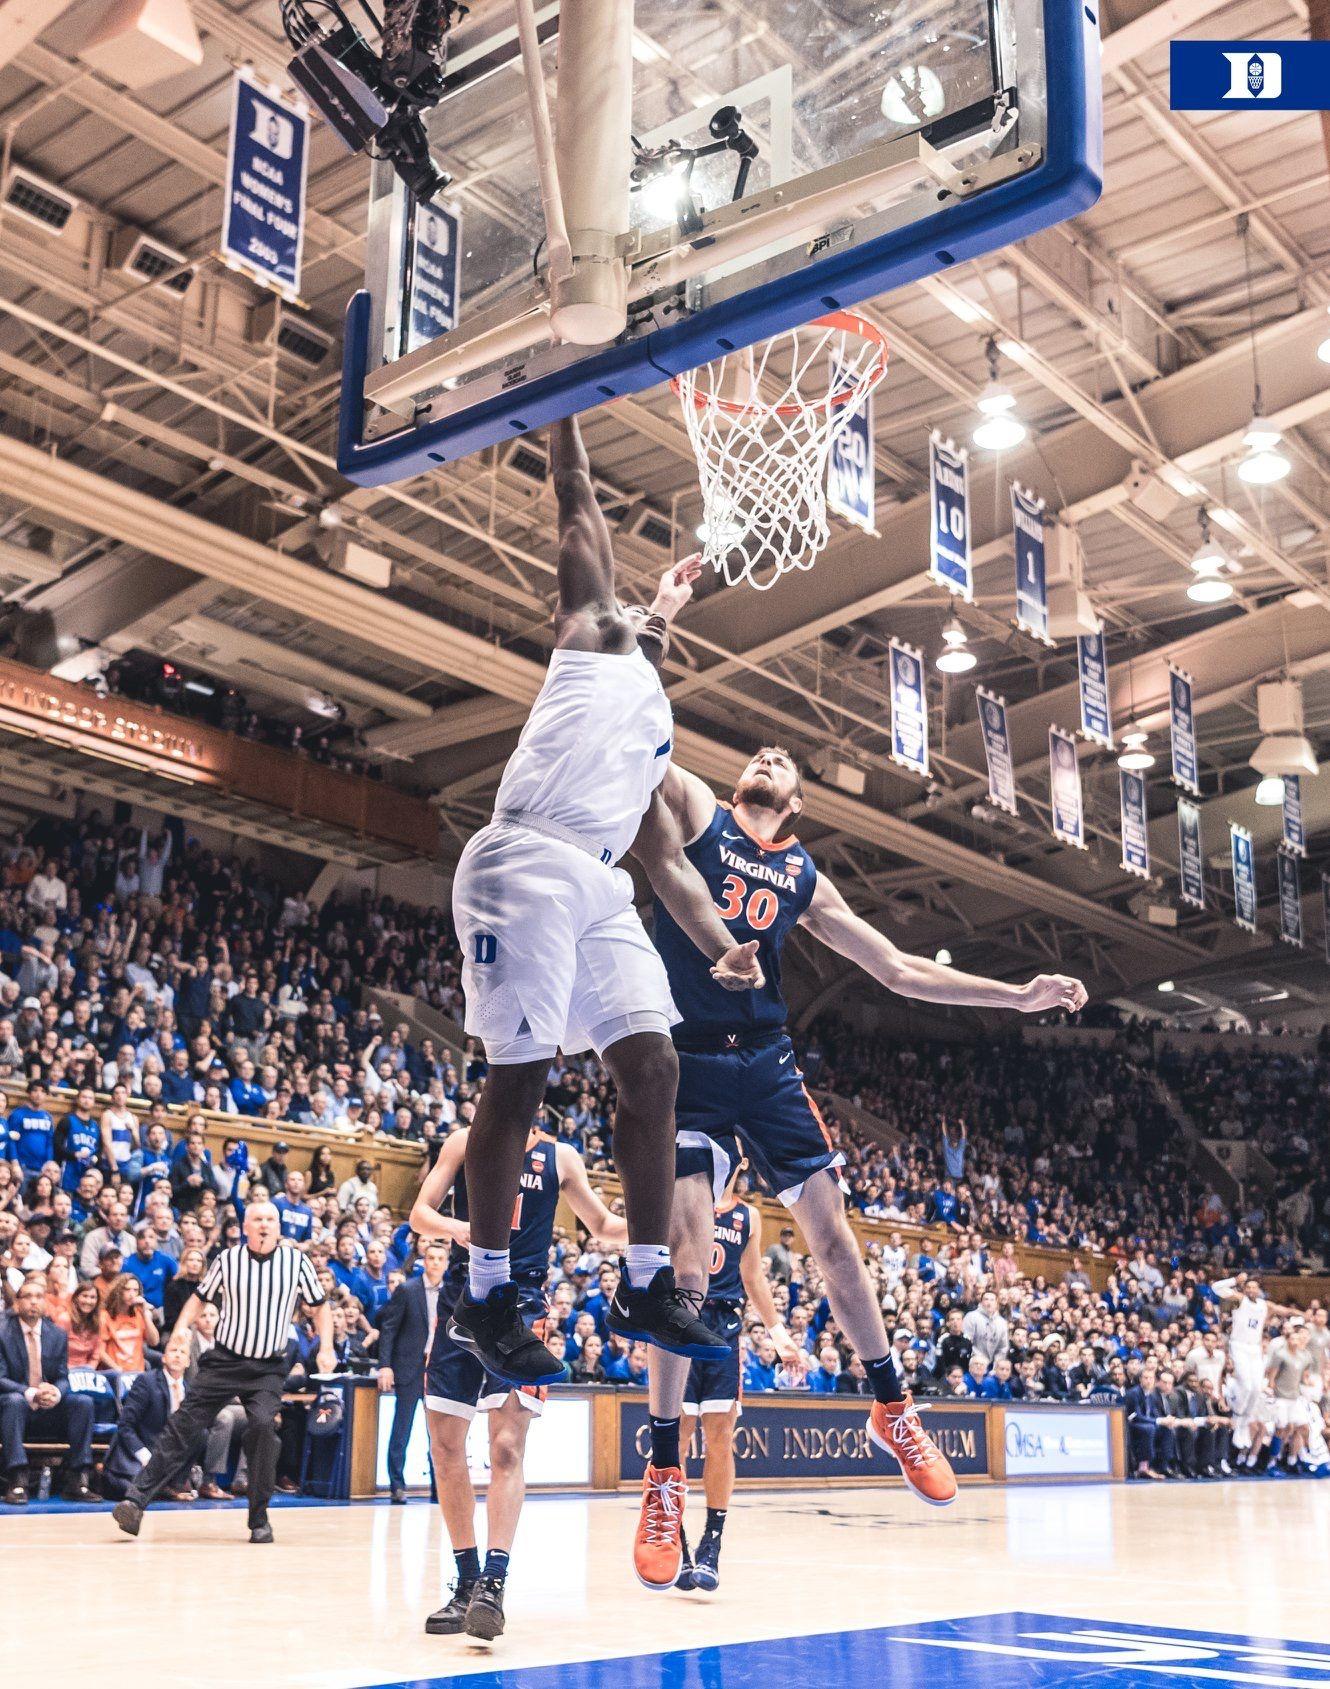 Duke over VA 7270 1/19/19 Duke basketball, Virginia